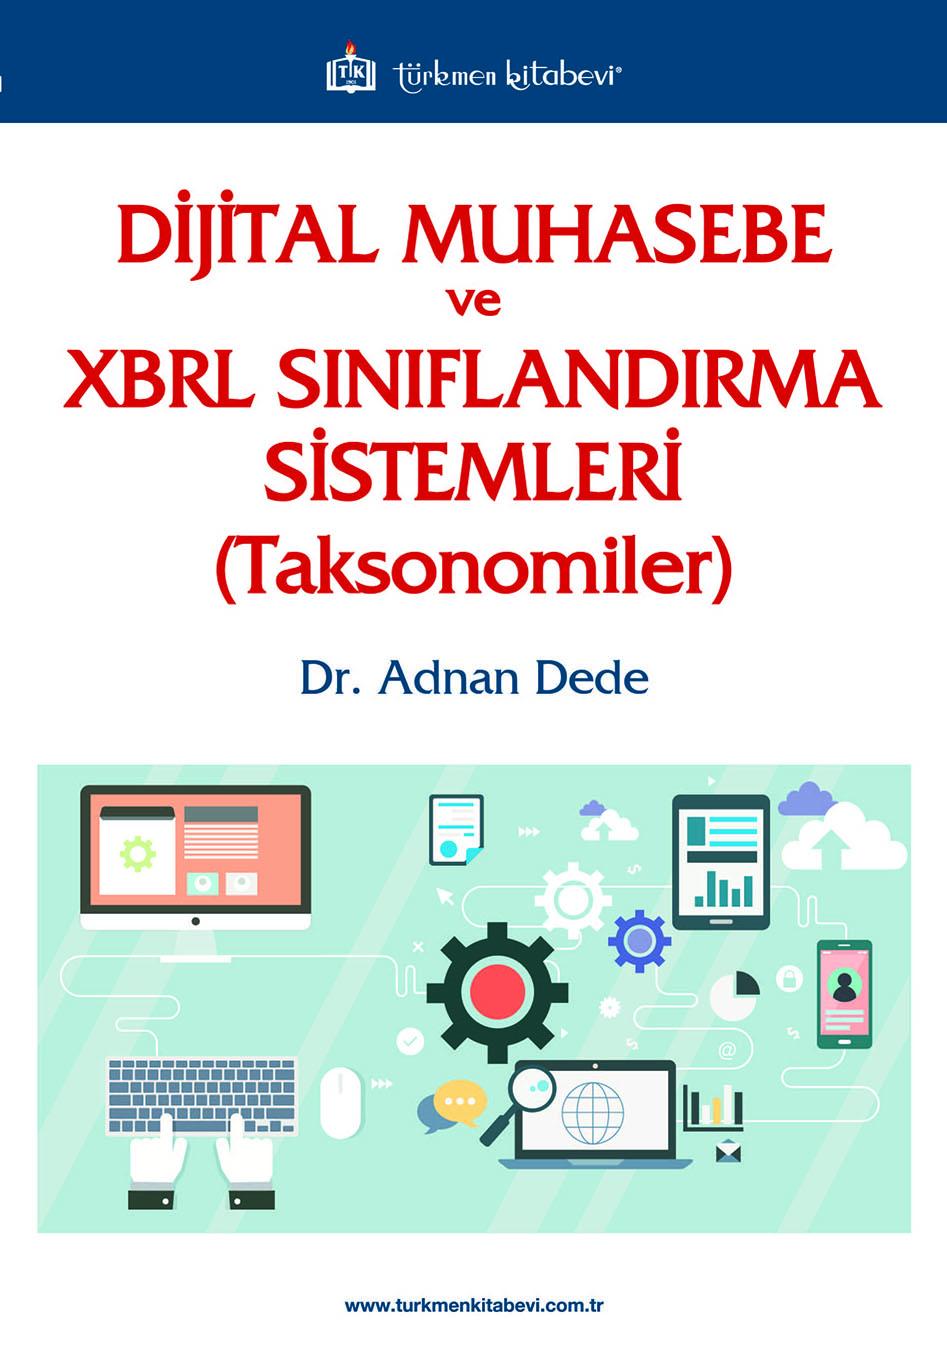 Dijital Muhasebe ve XBRL Sınıflandırma Sistemleri (Taksonomiler)